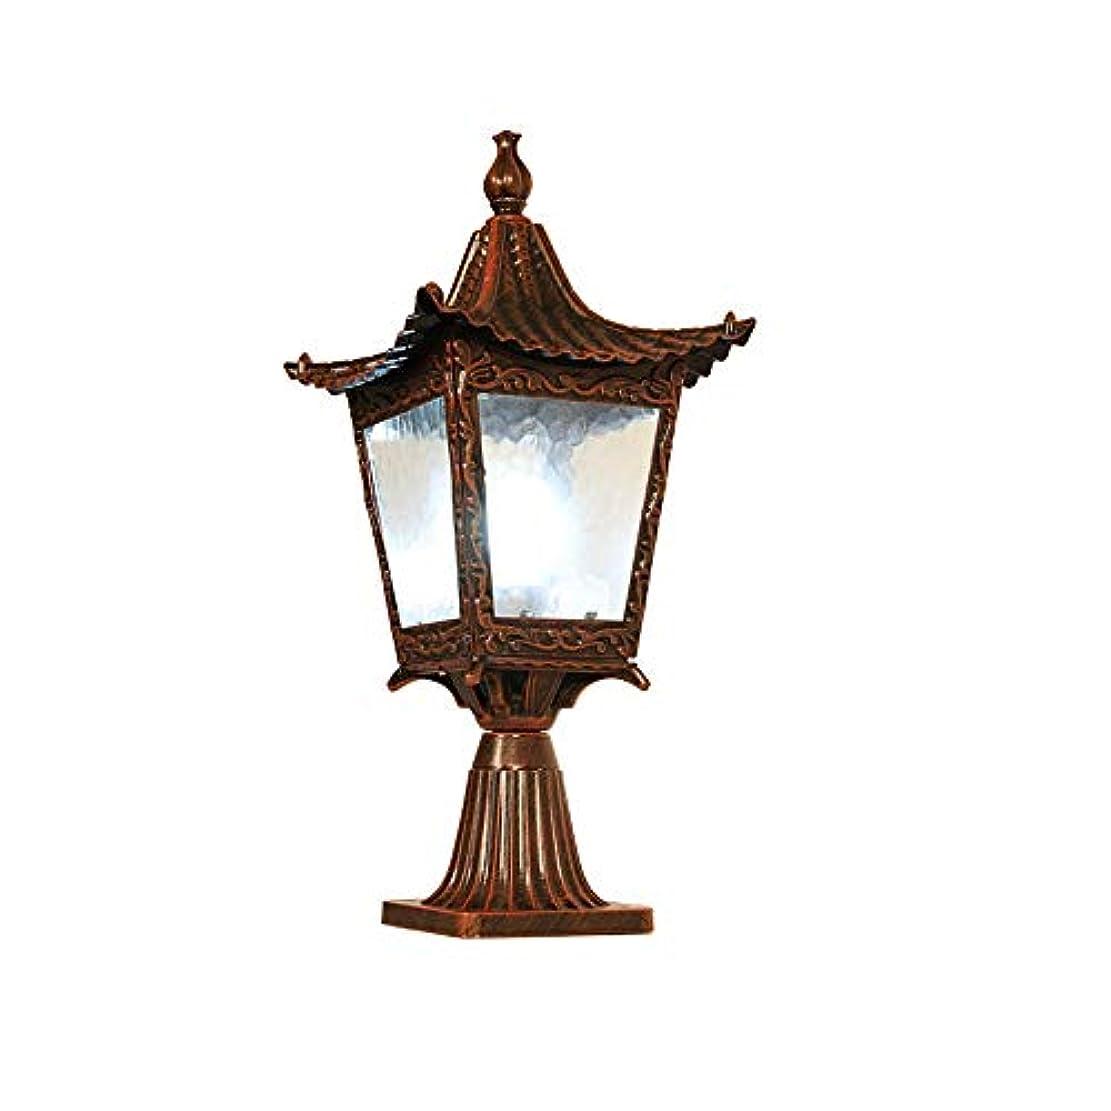 臨検蜂漁師Pinjeer E27防錆屋外アルミガラスポストライトヨーロッパのヴィンテージIP54防水Landsacpe照明コラムランプストリート中庭ドア通路装飾的な柱ライト